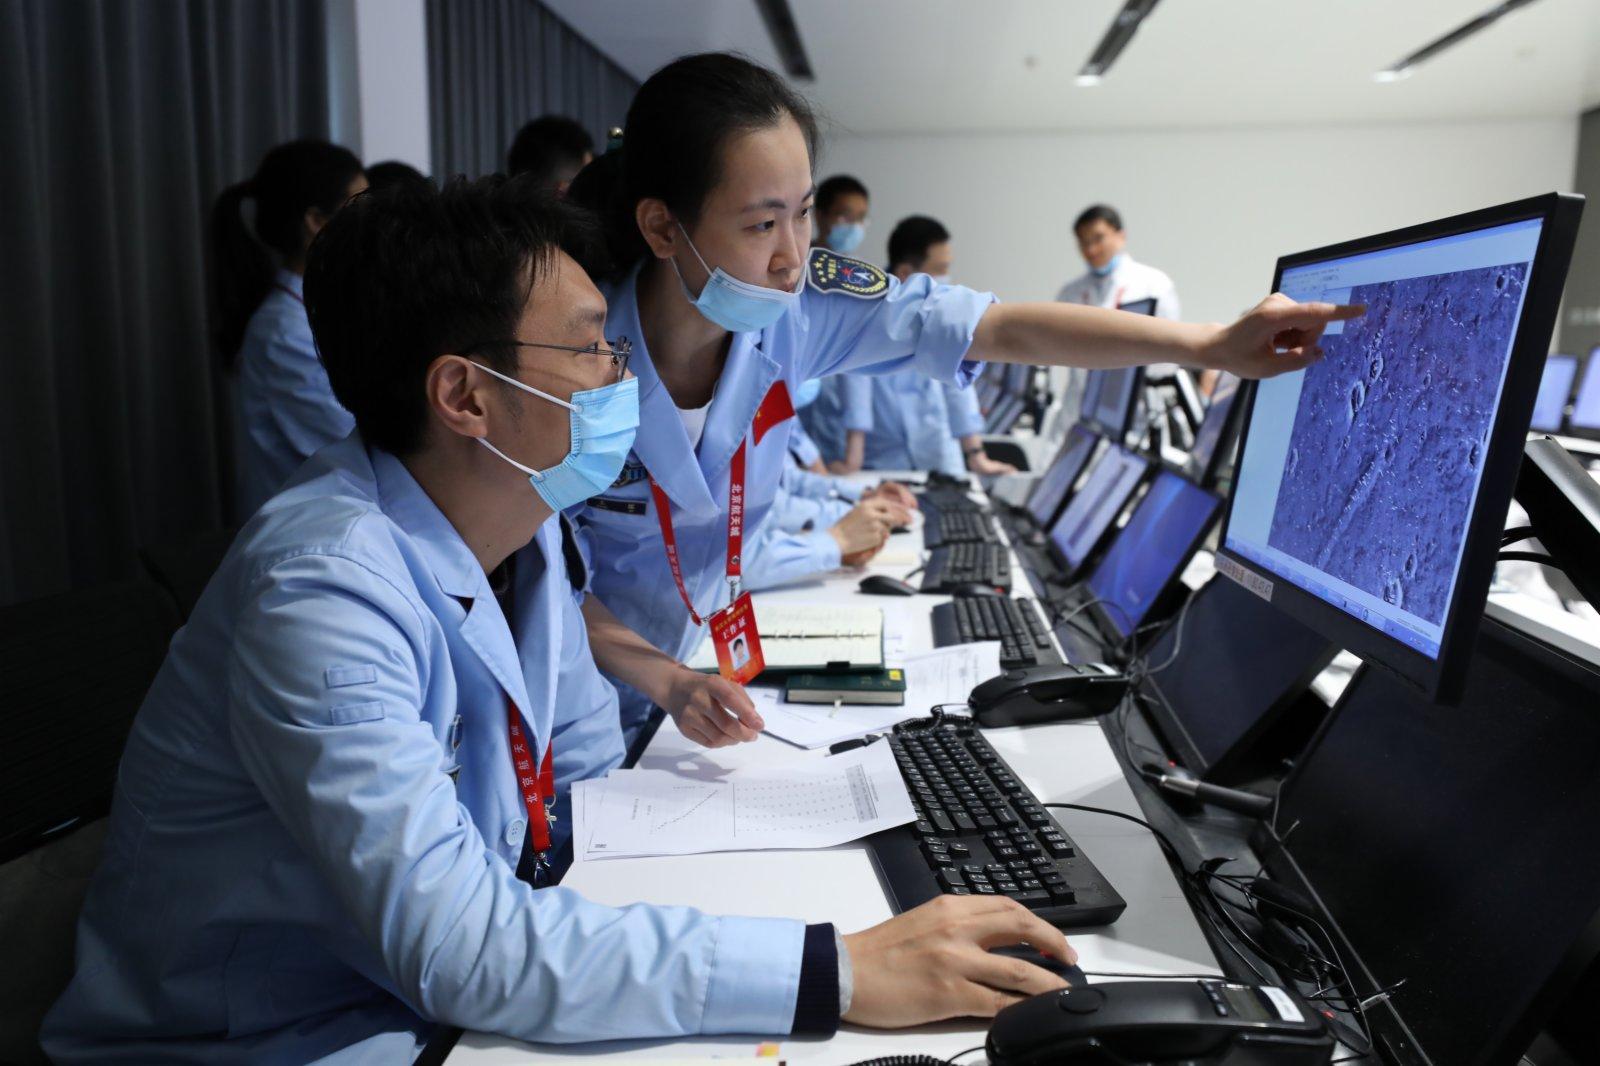 5月15日,航天科研人員在北京航天飛行控制中心監測「祝融號」火星車工作情況,研究傳回的火星地面高清圖片。新華社